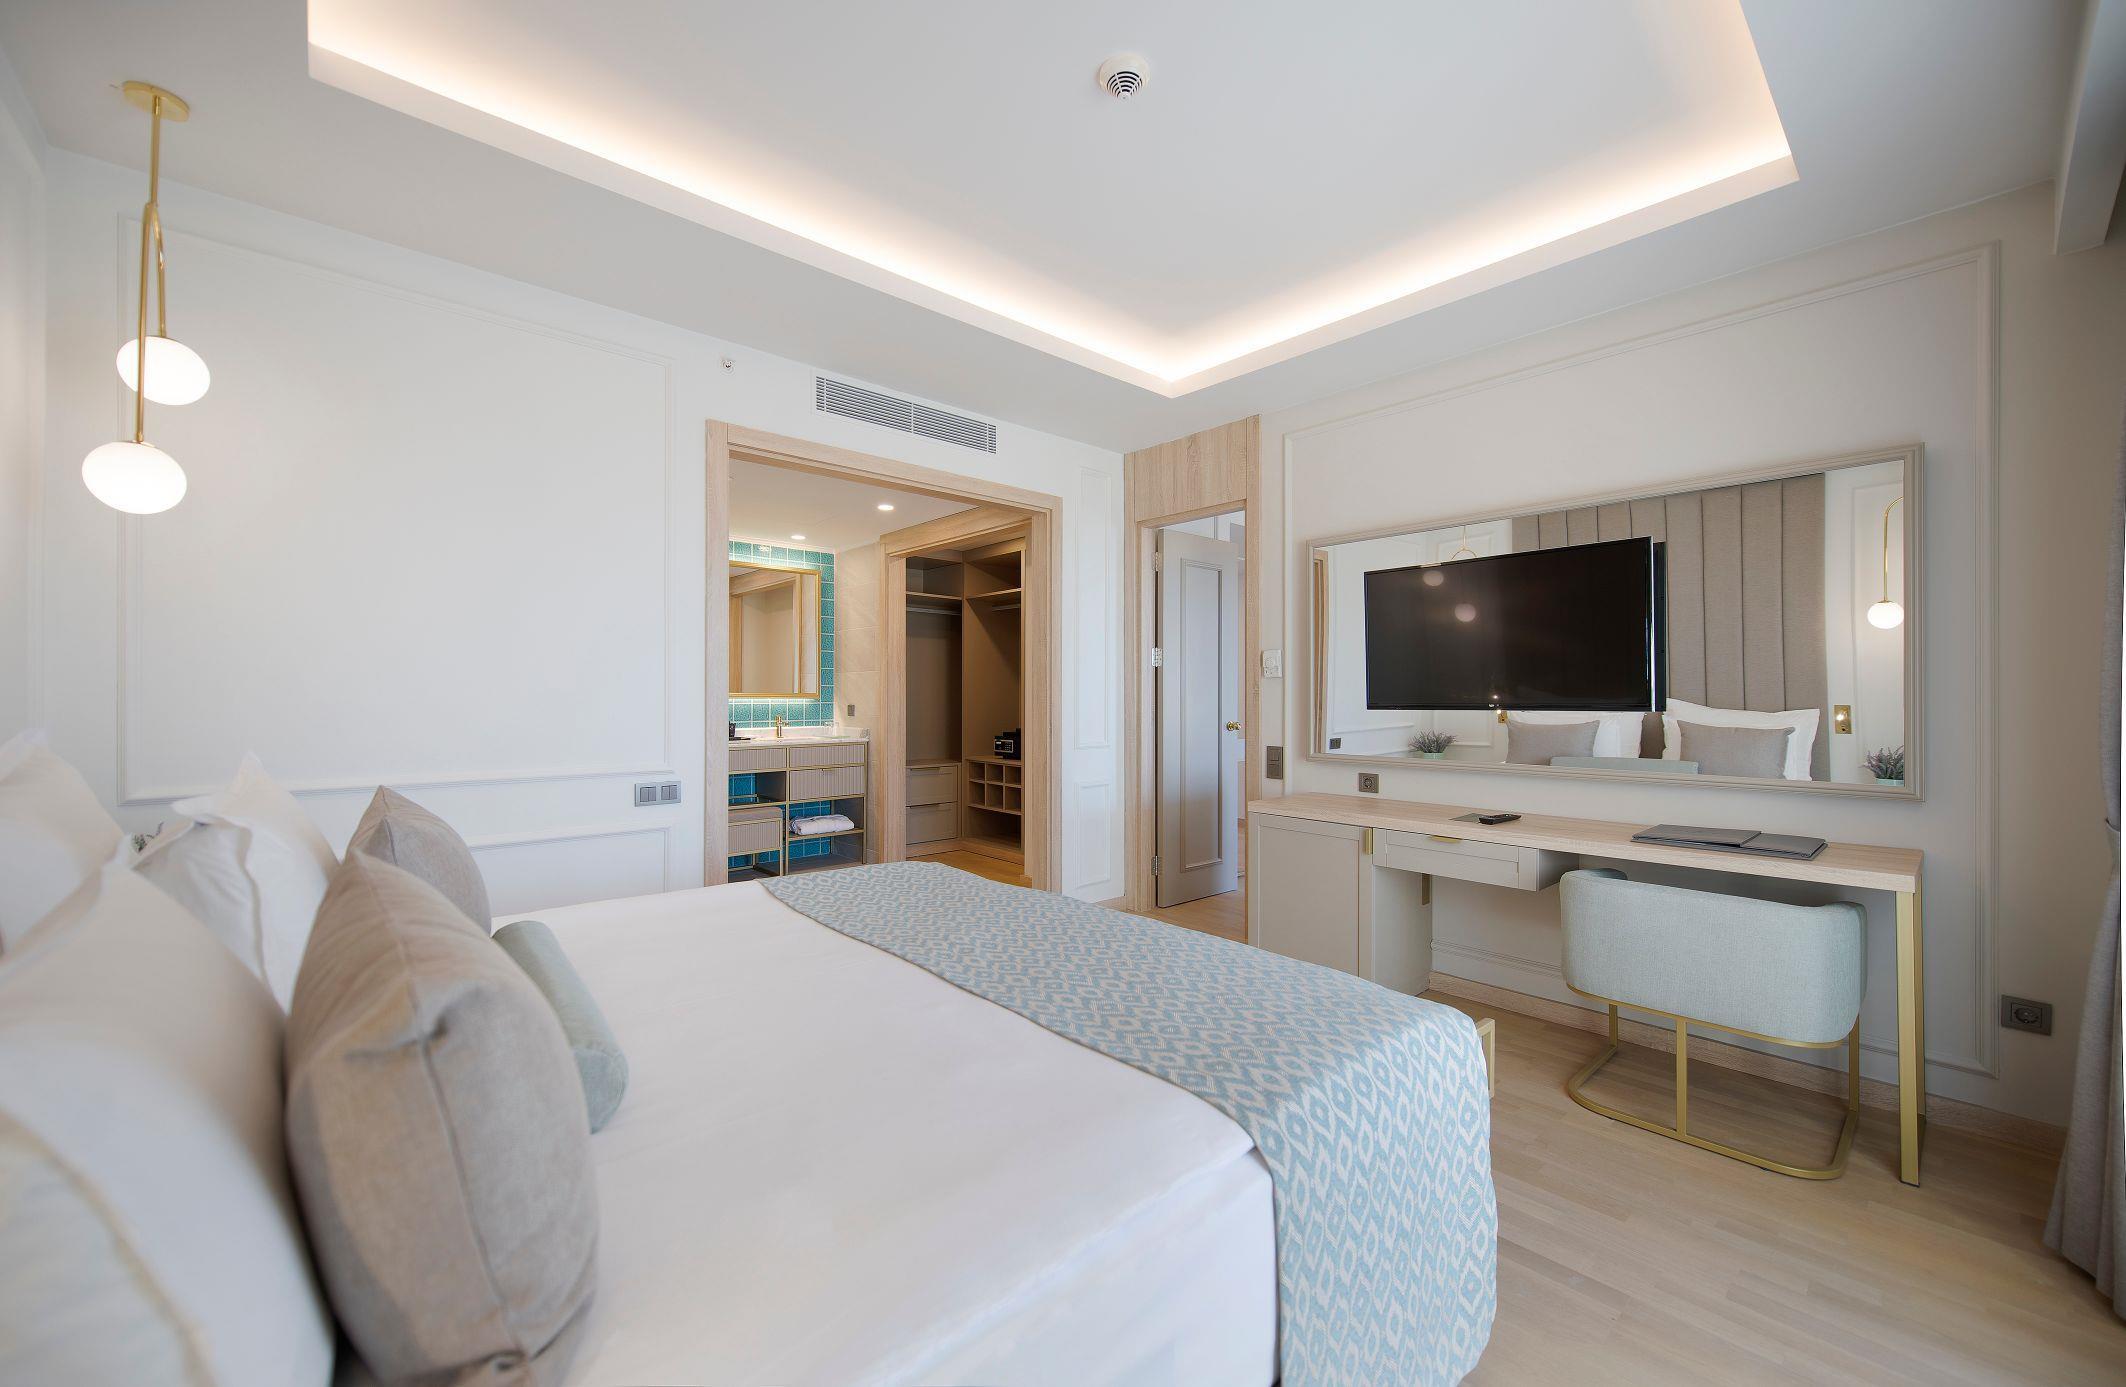 http://www.orextravel.sk/OREX/hotelphotos/miramare-queen-hotel-general-0017.jpg